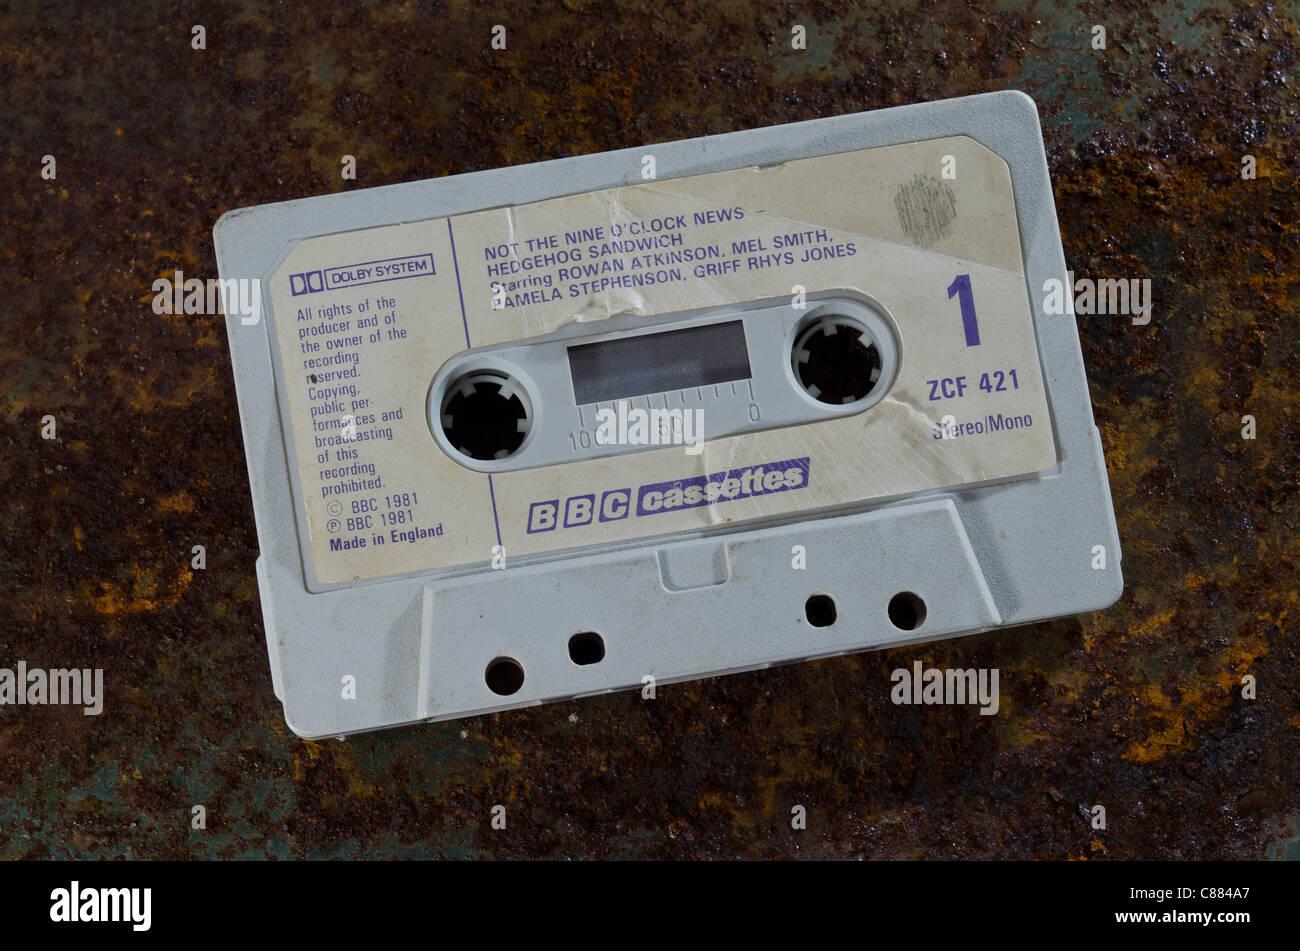 Cinta de audio no El 9 O'Clock News espectáculo de comedia de la BBC grabó a principios de los 80's Imagen De Stock